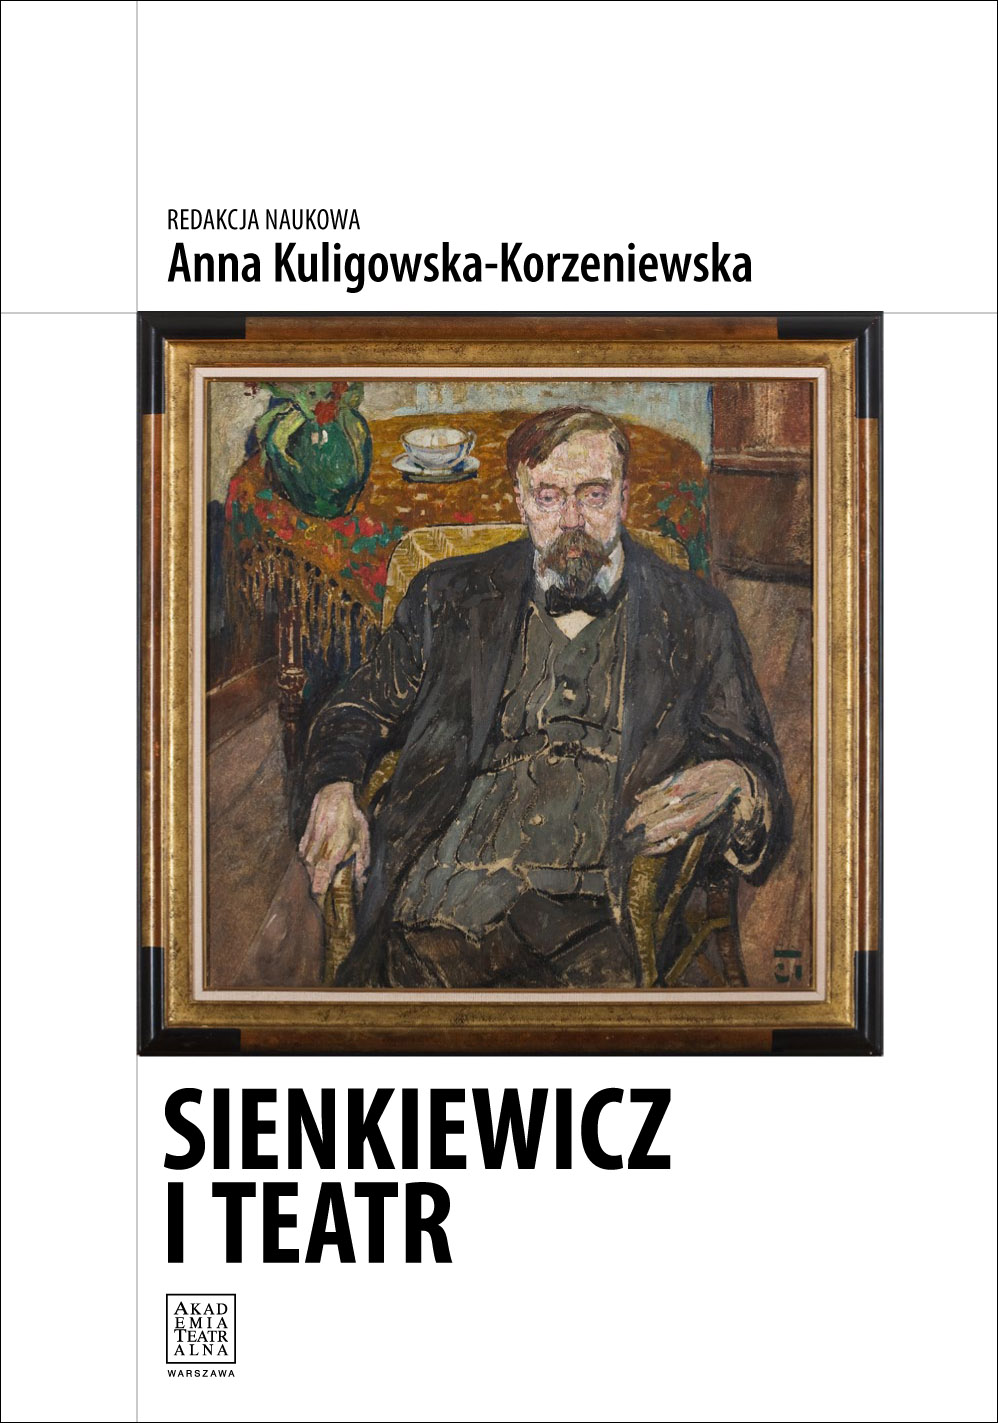 SIENKIEWICZ ITEATR <br> redakcja naukowa Anna Kuligowska-Korzeniewska